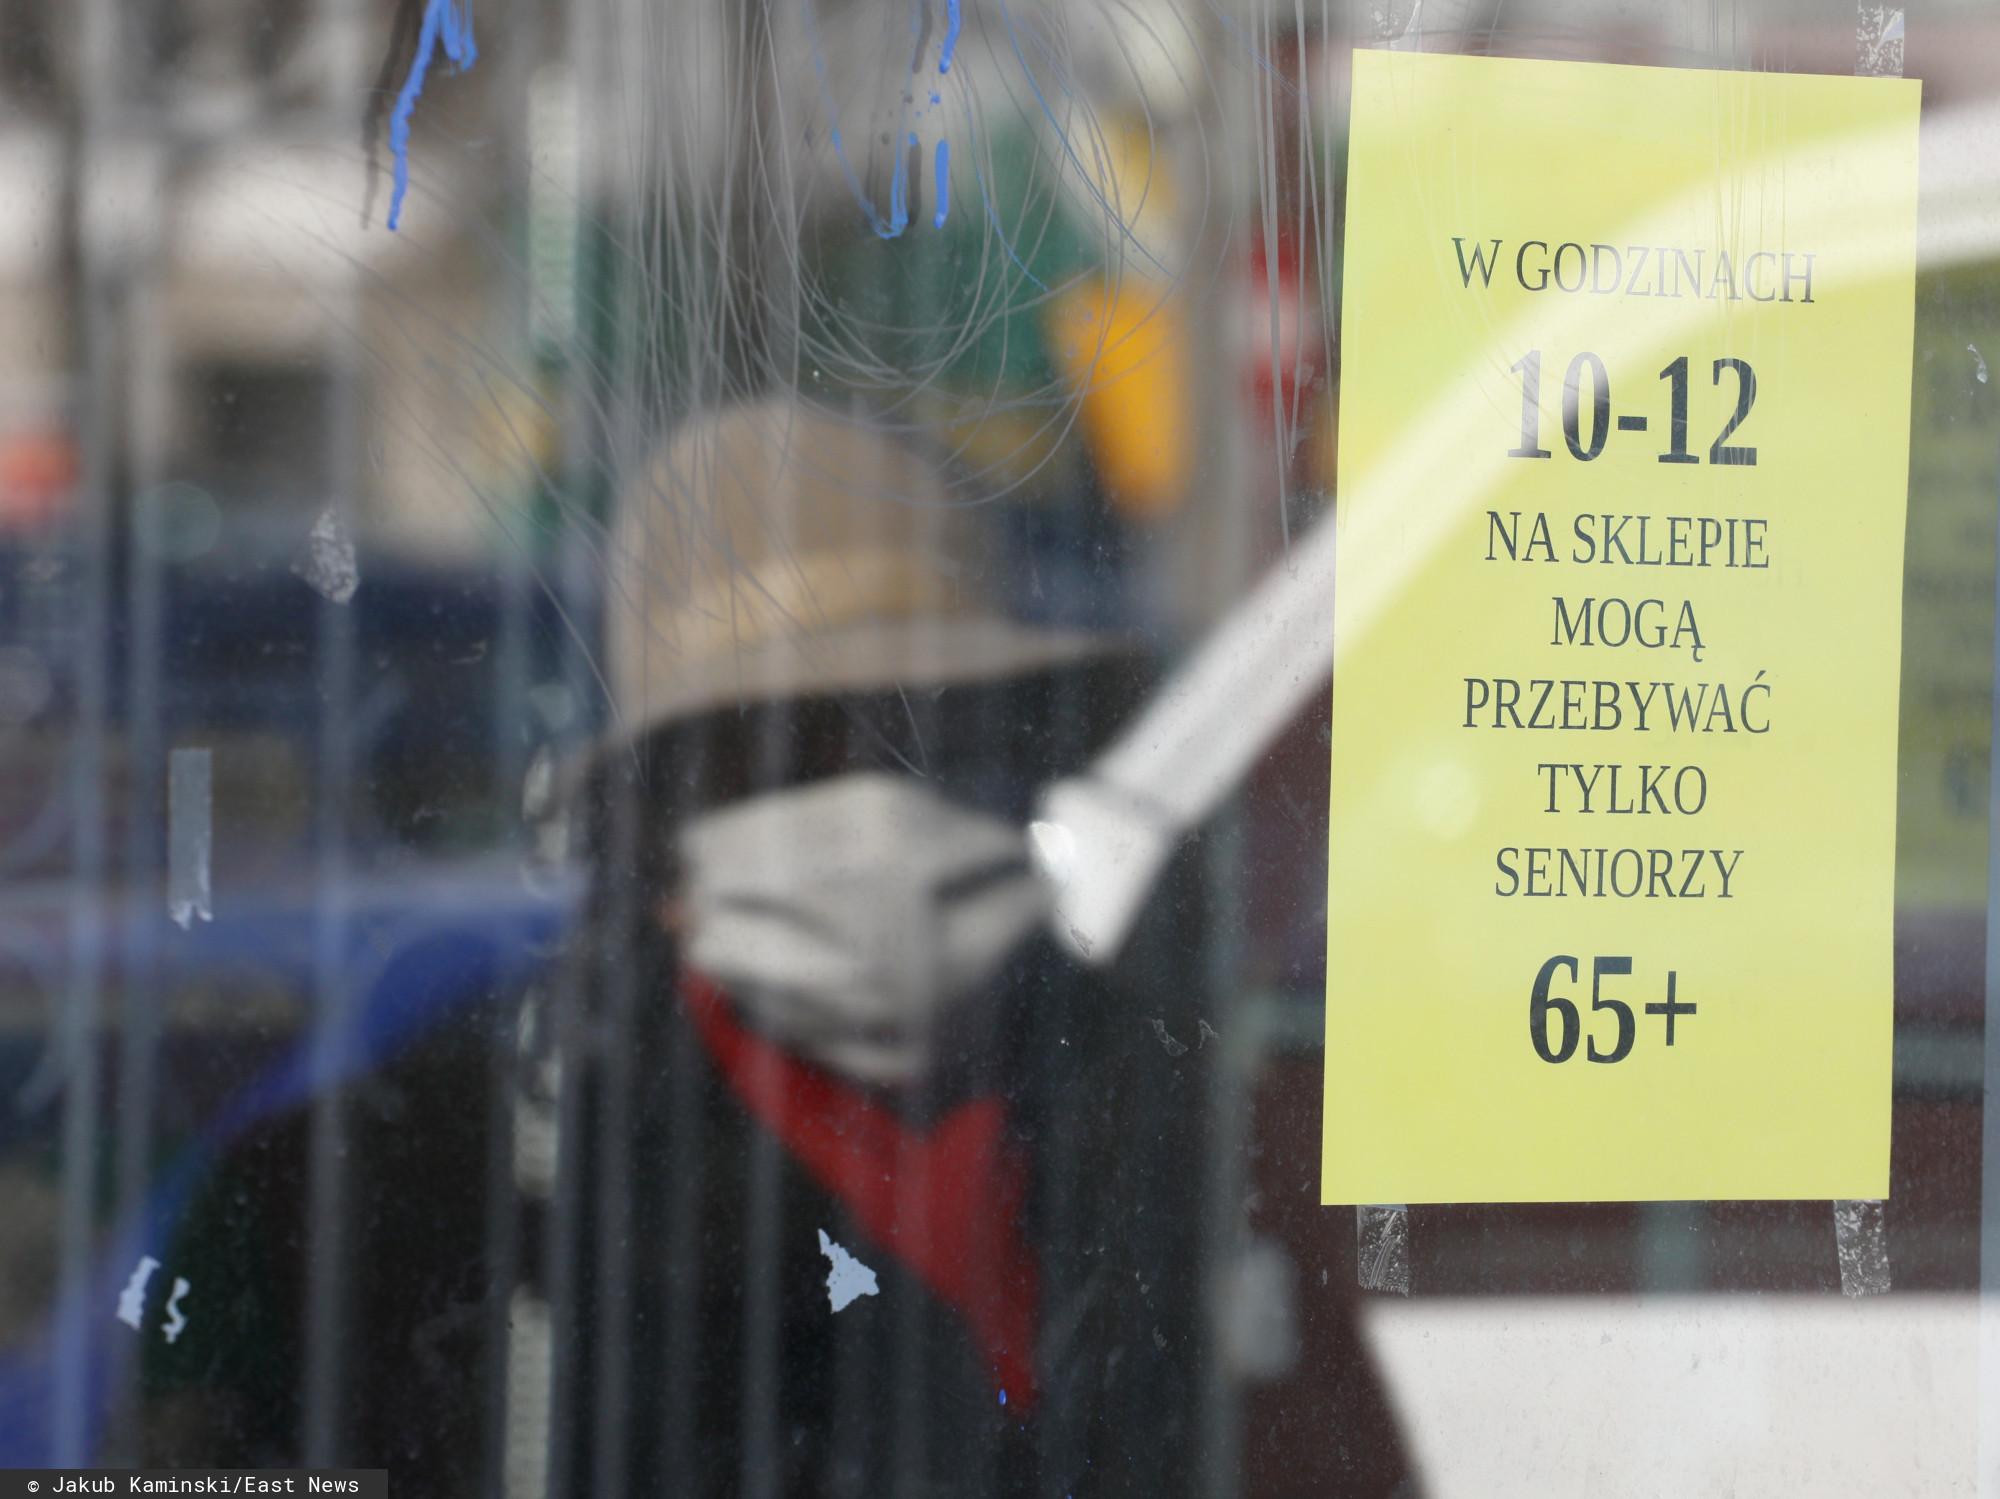 Rząd ogłosił wczoraj nowe restrykcje w związku epidemią. Polki i Polacy dostosowali się do nich.